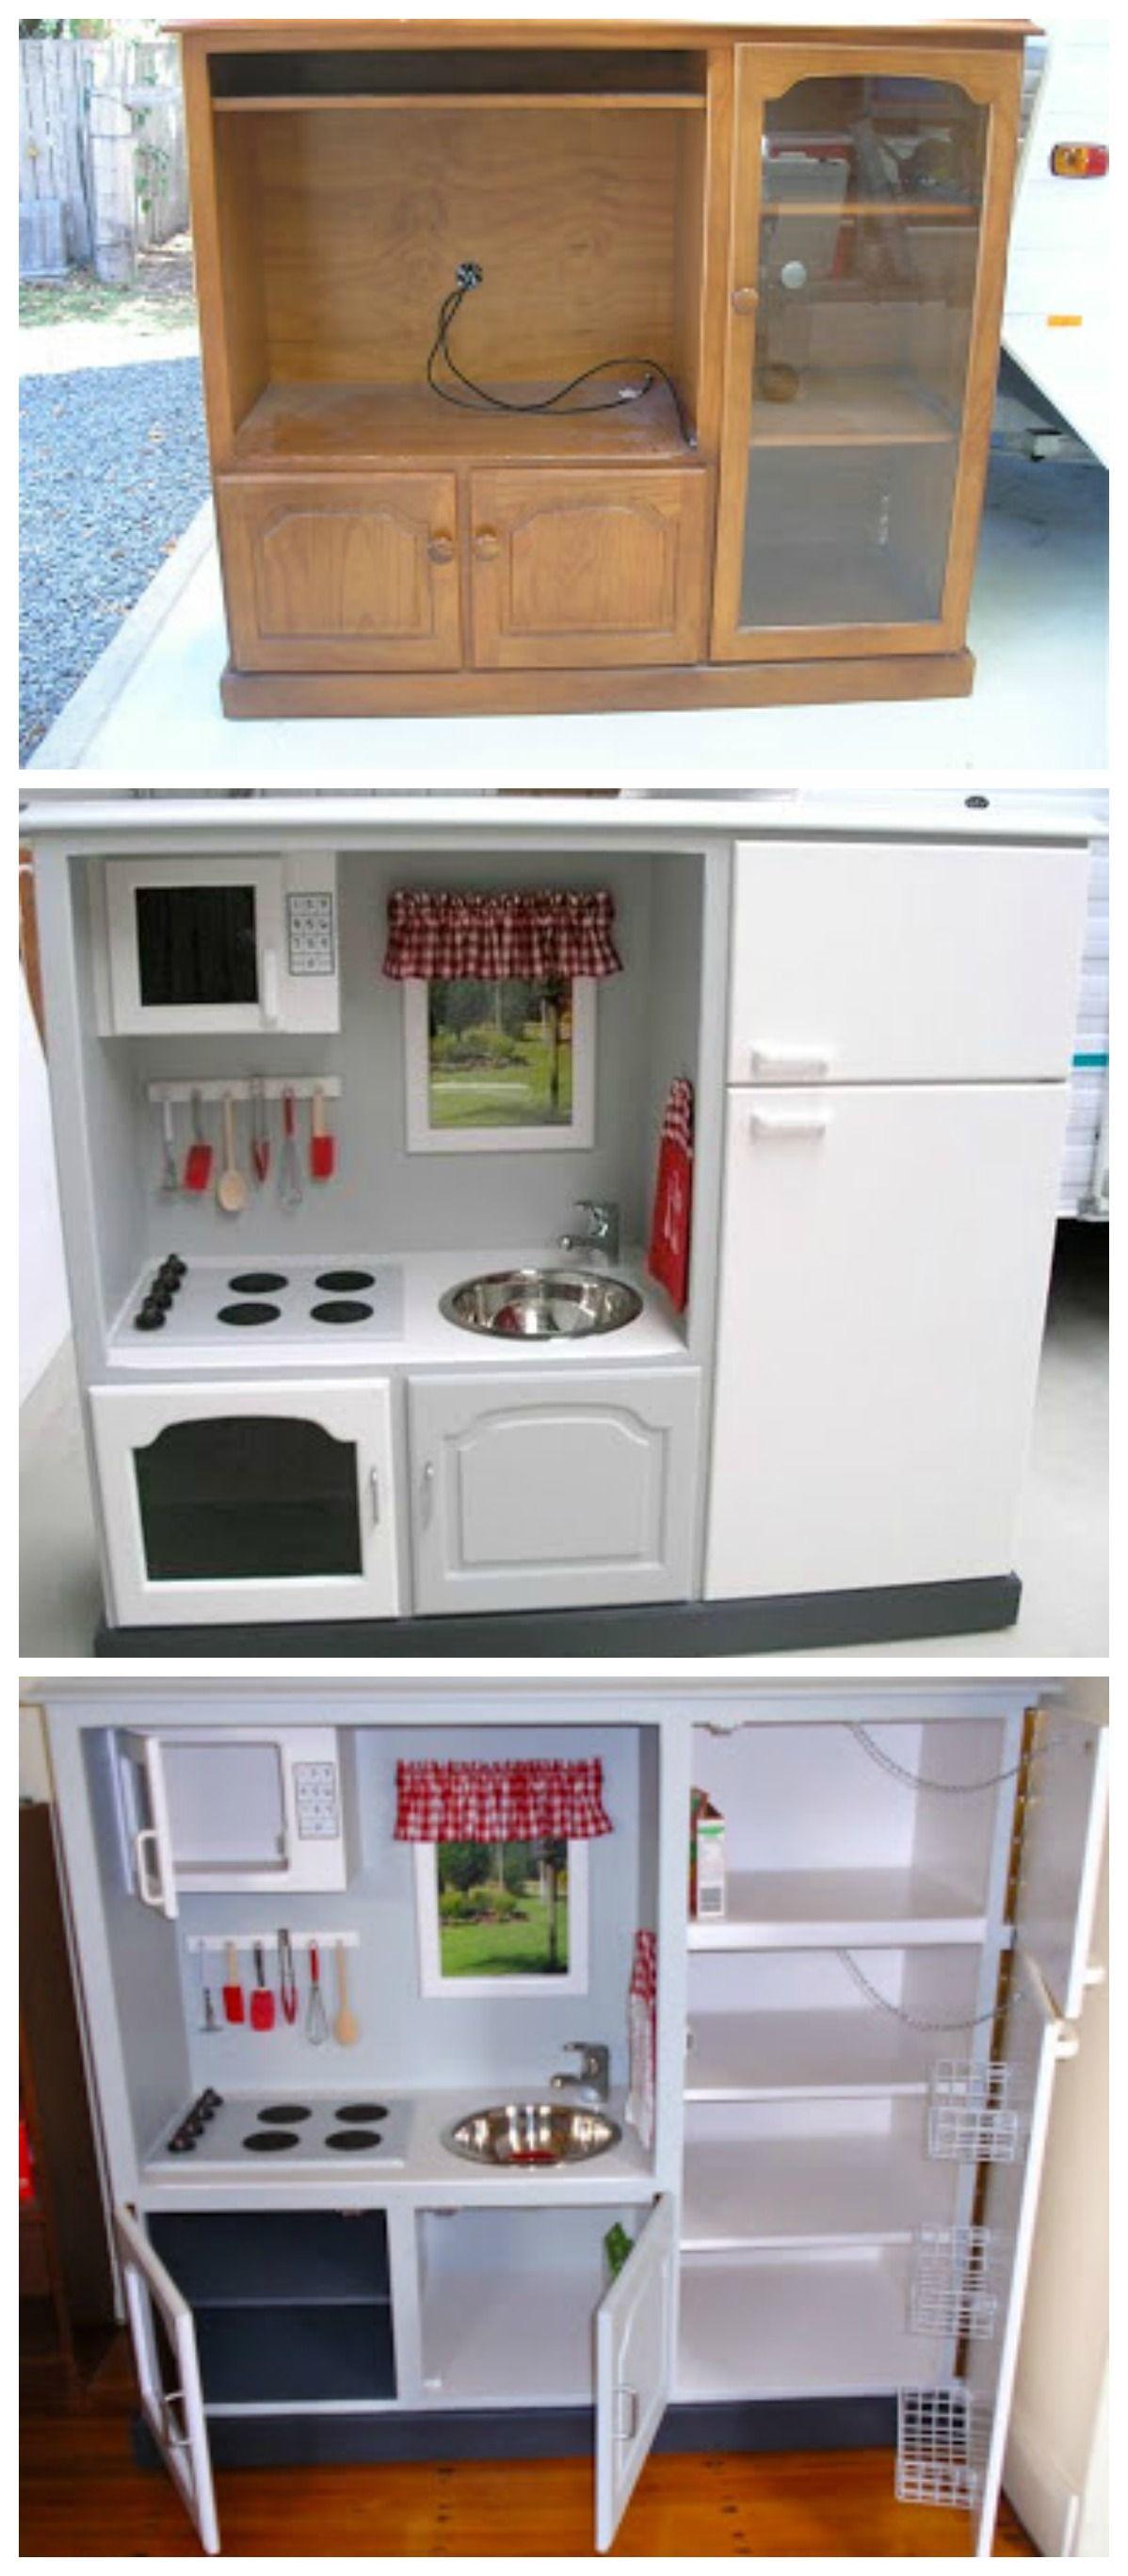 retaper un vieux meuble de tv pour donner a j 39 adore super id e pour la cadeau pinterest. Black Bedroom Furniture Sets. Home Design Ideas